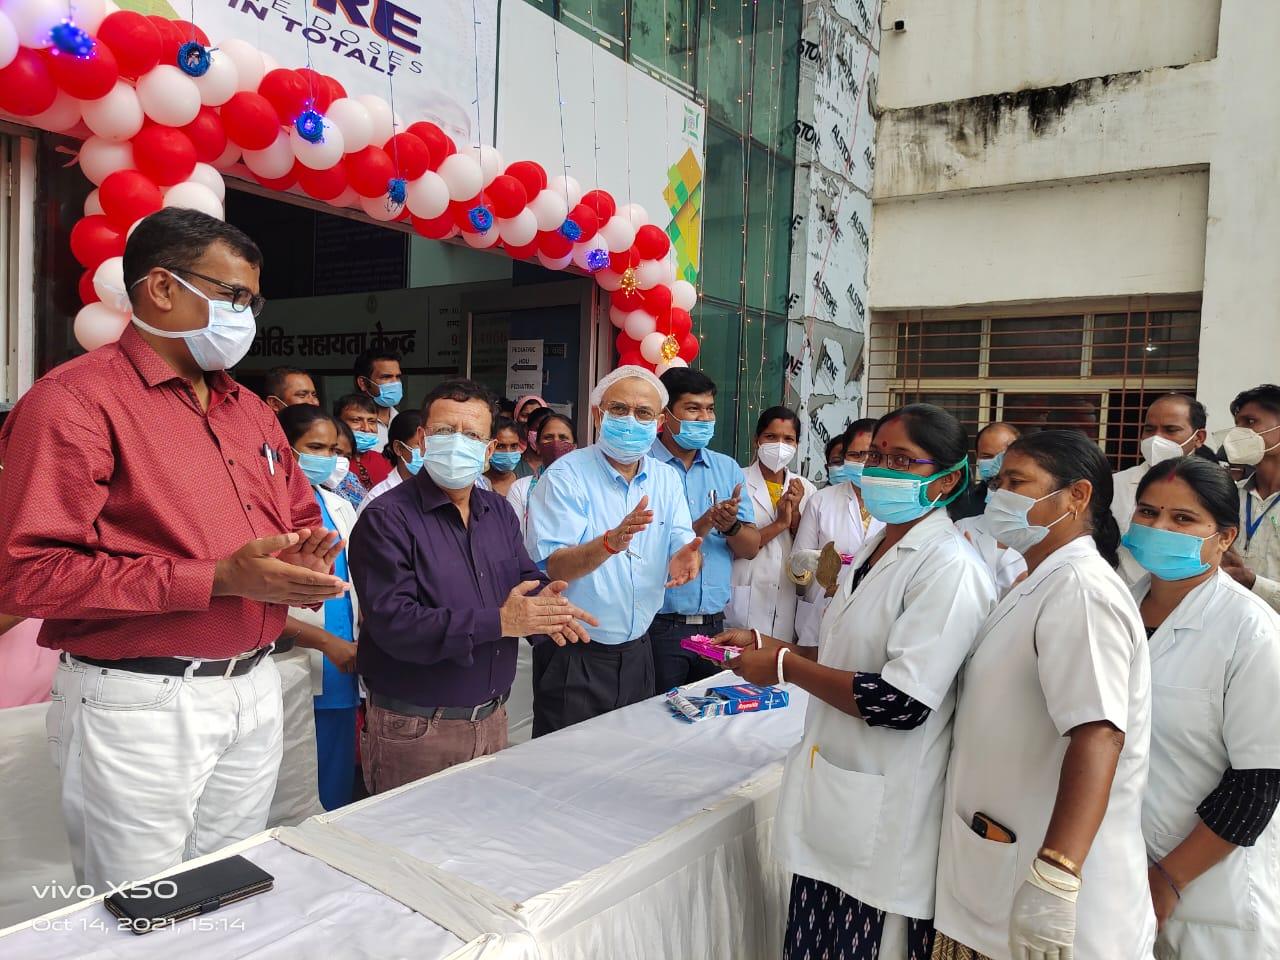 देश भर में 100 करोड़ लोगों को दिया गया कोविड वैक्सीन, सदर अस्पताल में मनाया गया जश्न